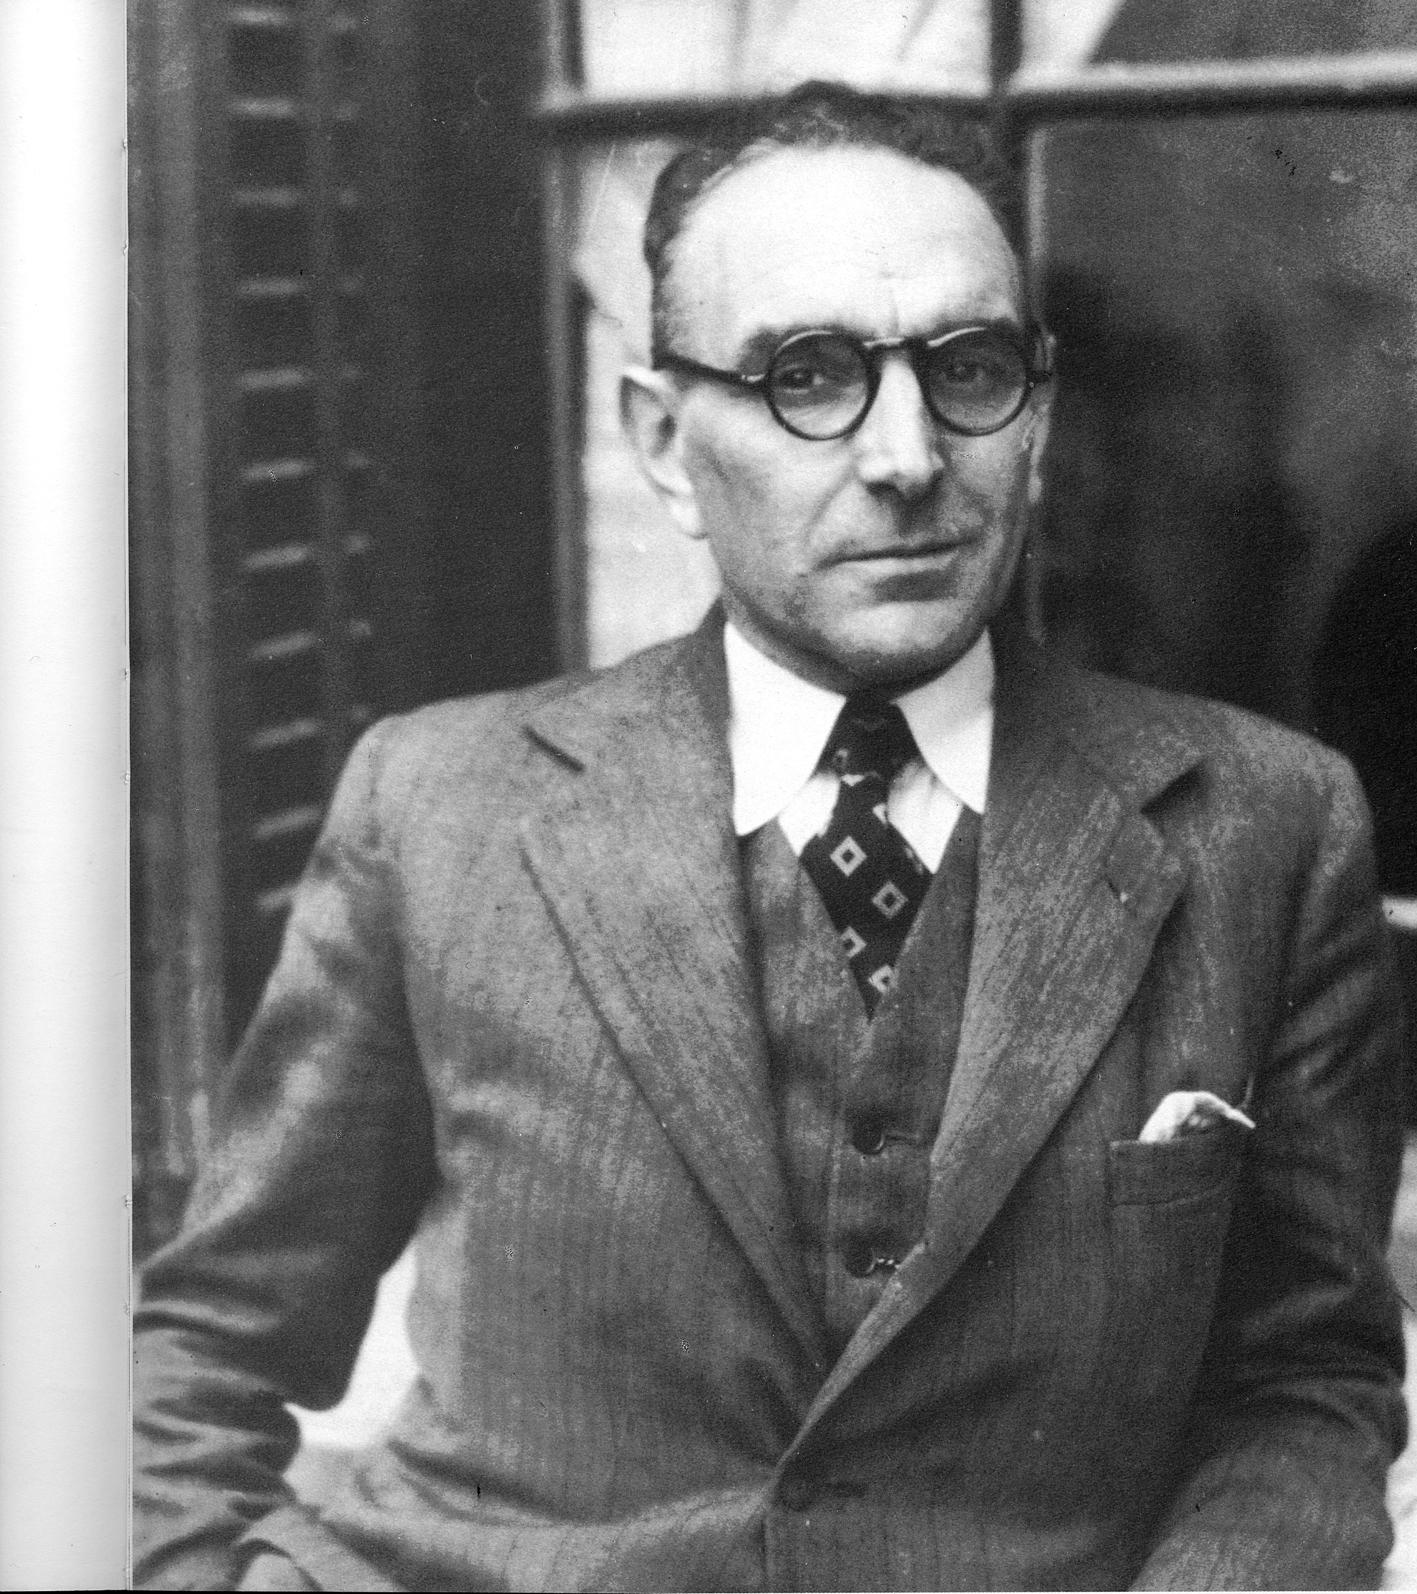 Fundació Artur Martorell